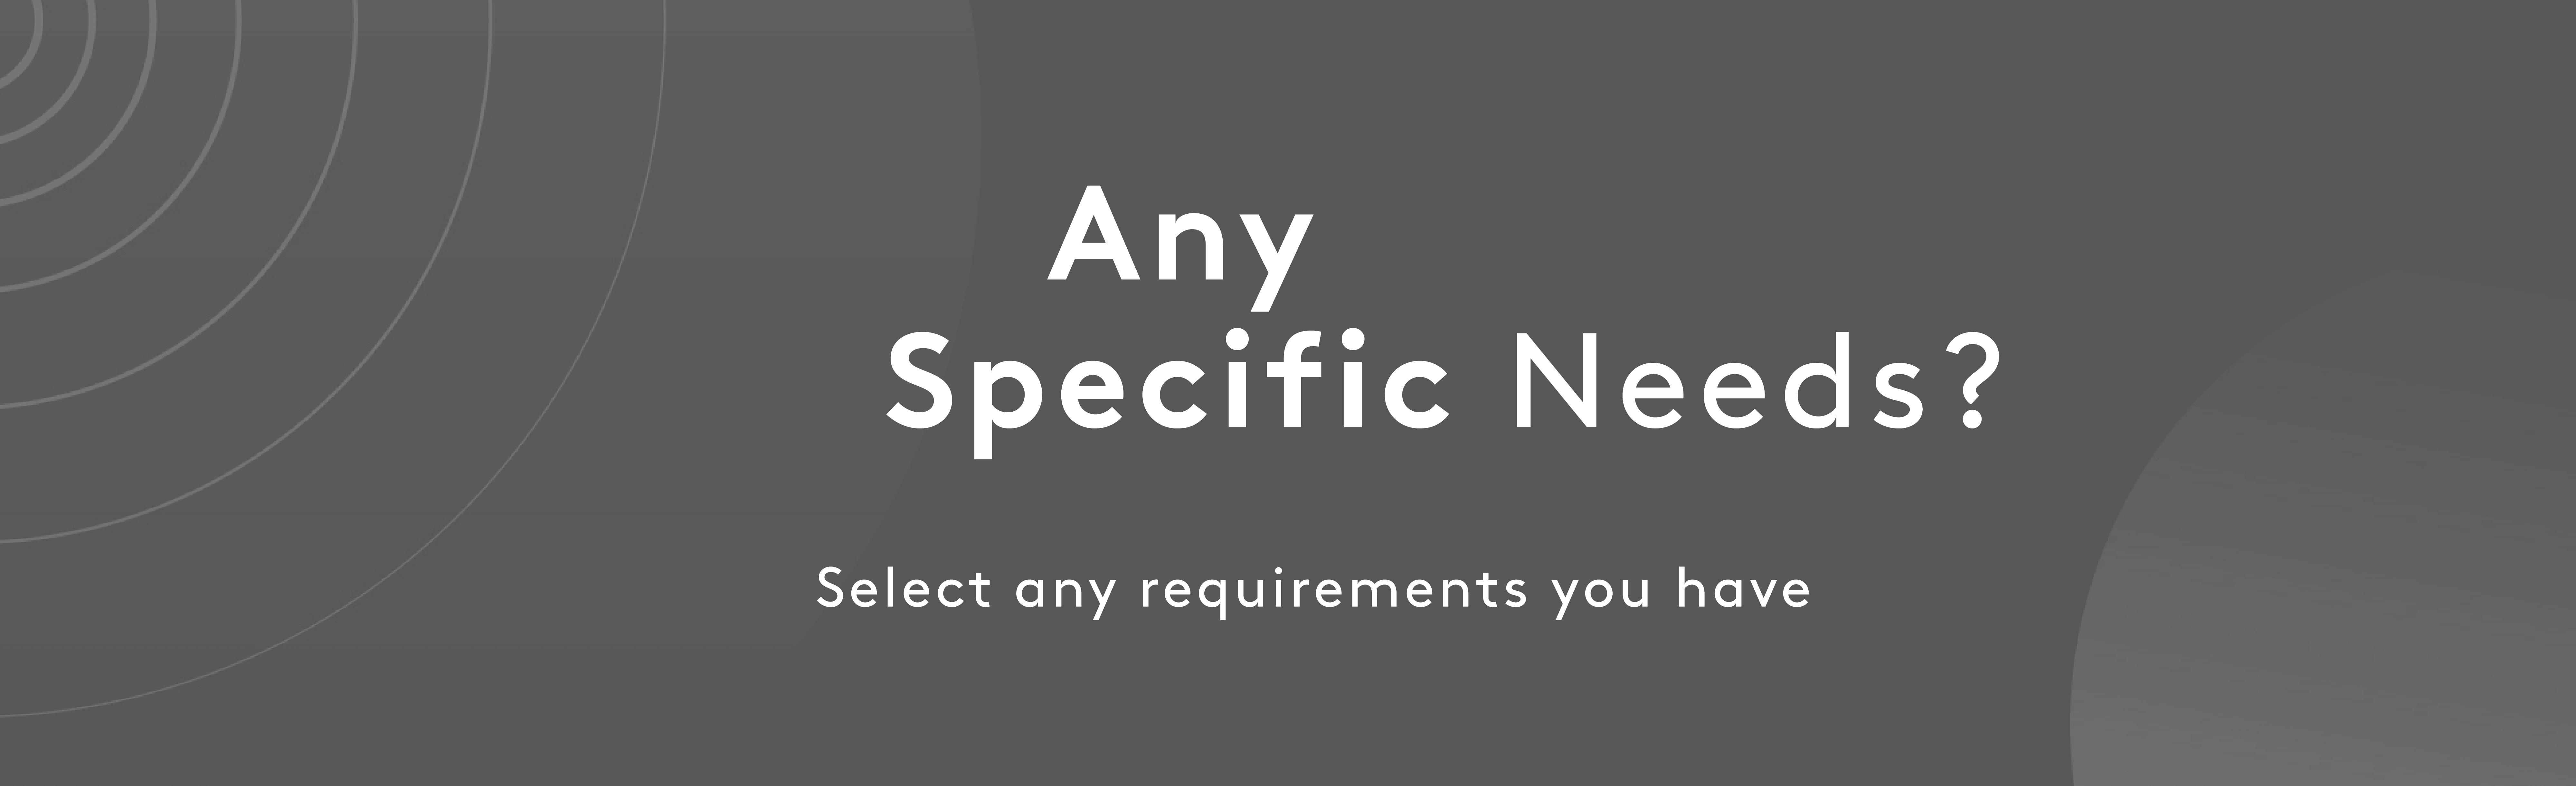 Any specific needs | Myvitamins